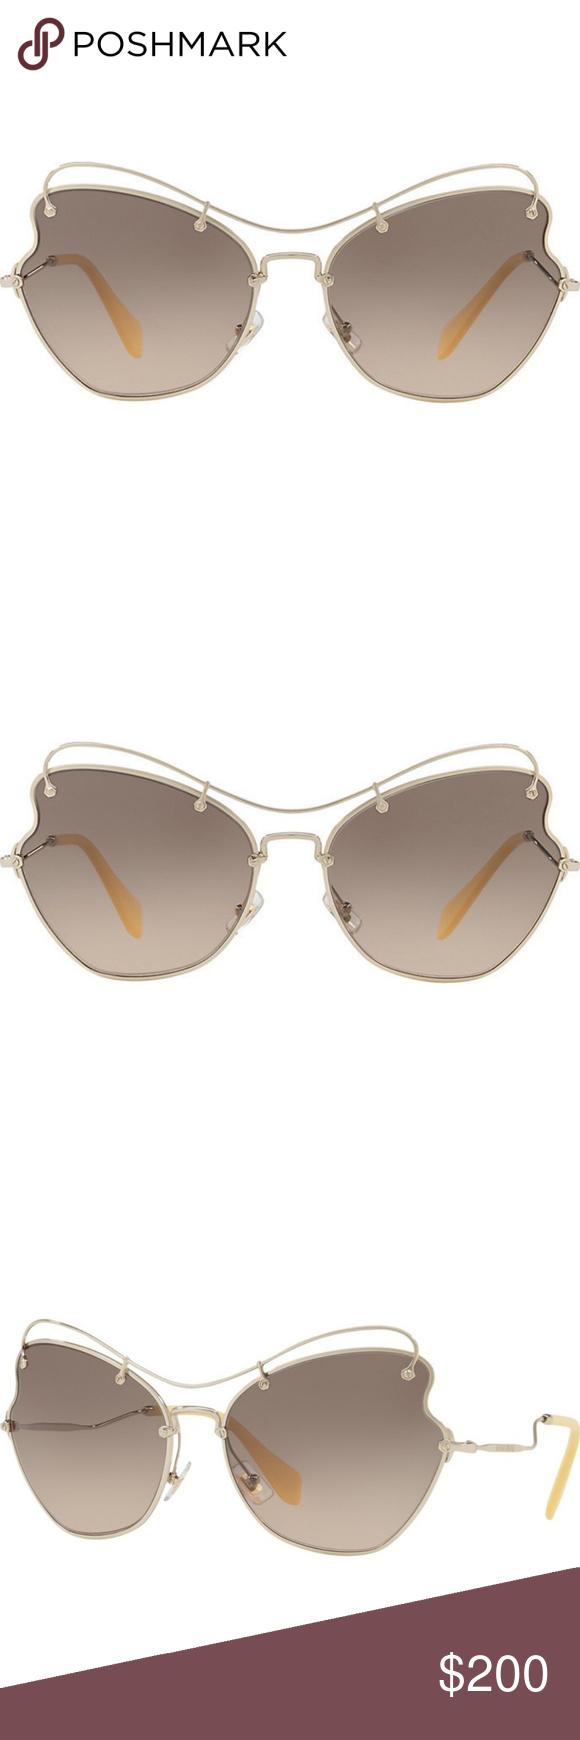 8ccb64e1f98f2 Miu Miu Butterfly Metal Sunglasses Pale Gold Brand  Miu Miu Model   MU56RS-ZVN3D0